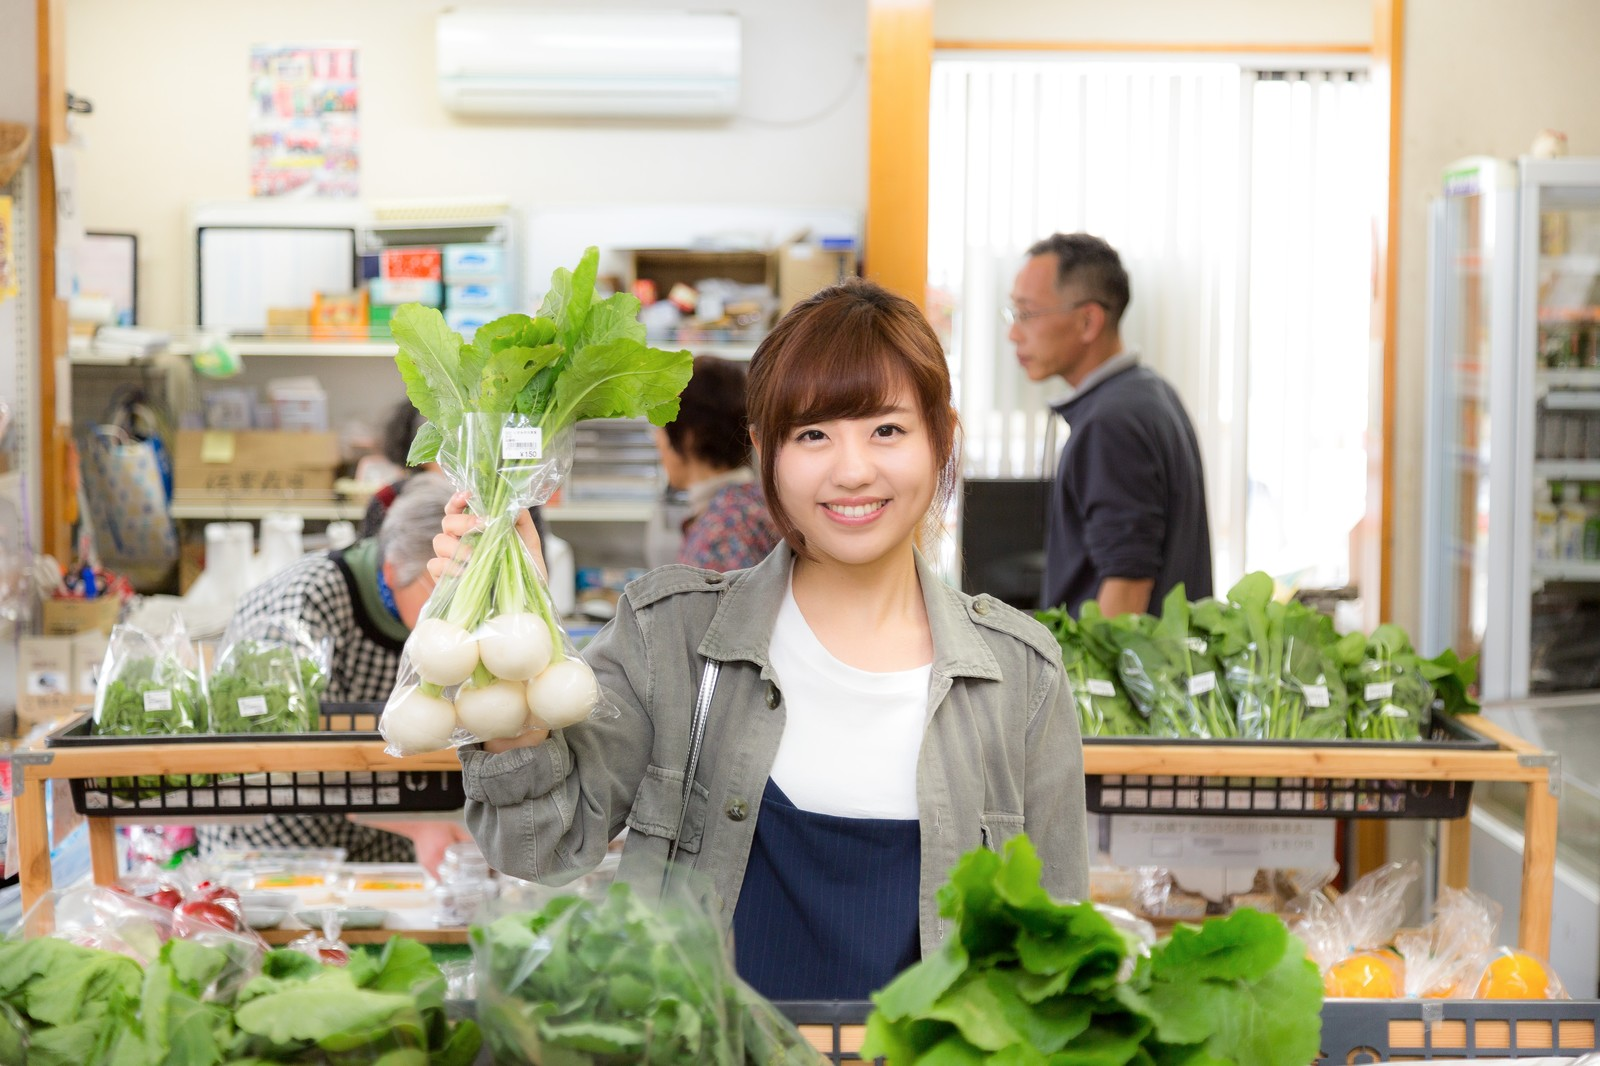 「「株あがれー」の笑顔で店主のお株を奪う女性観光客とふれあい市場の様子」の写真[モデル:河村友歌]